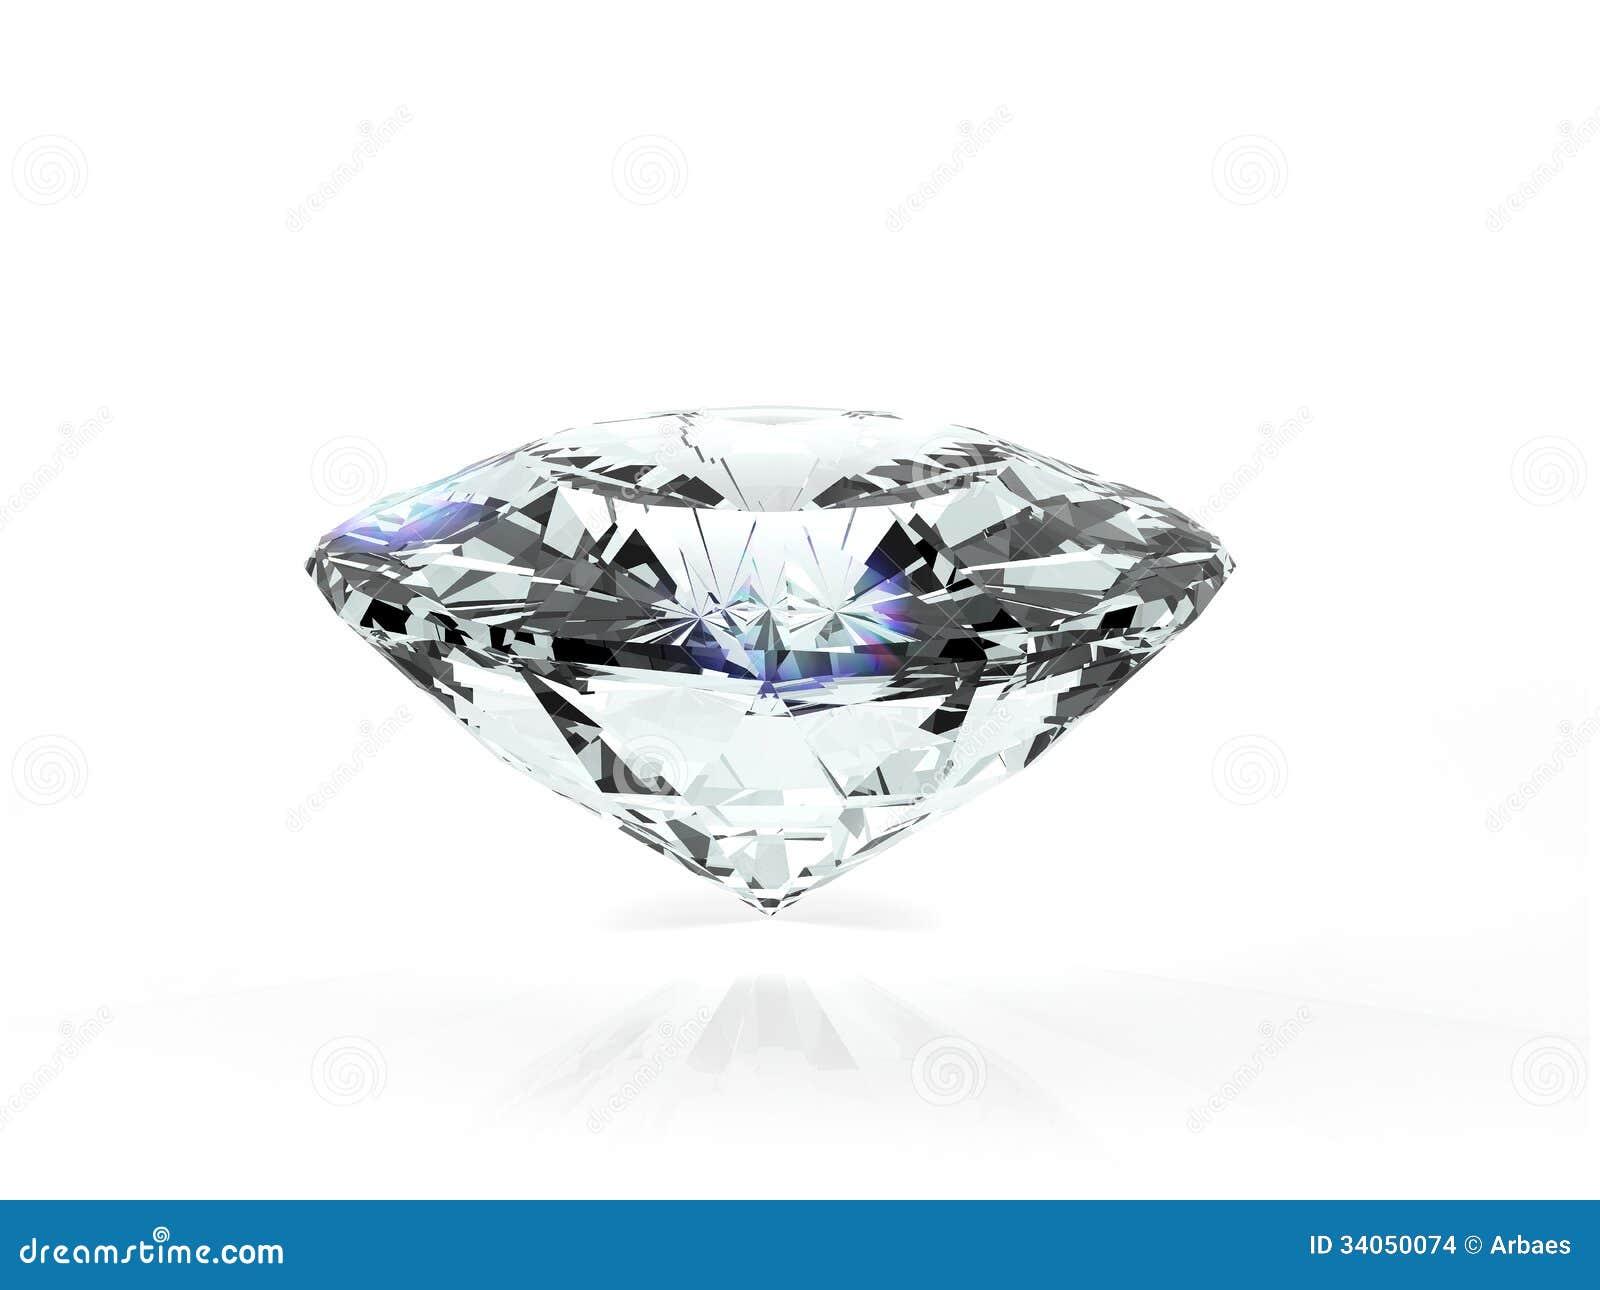 white diamond background - photo #5